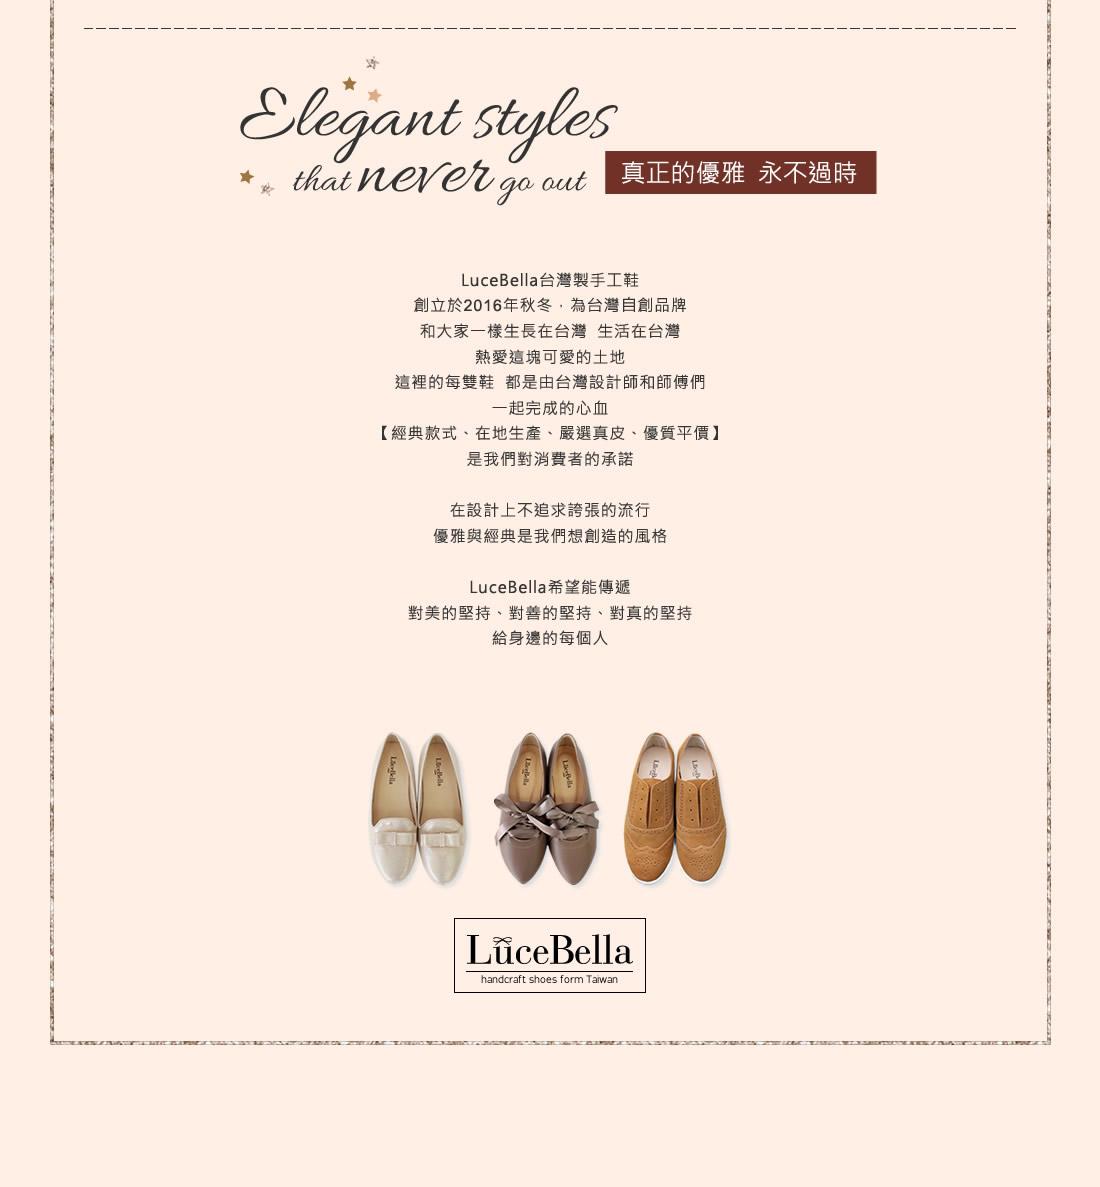 台灣女鞋品牌